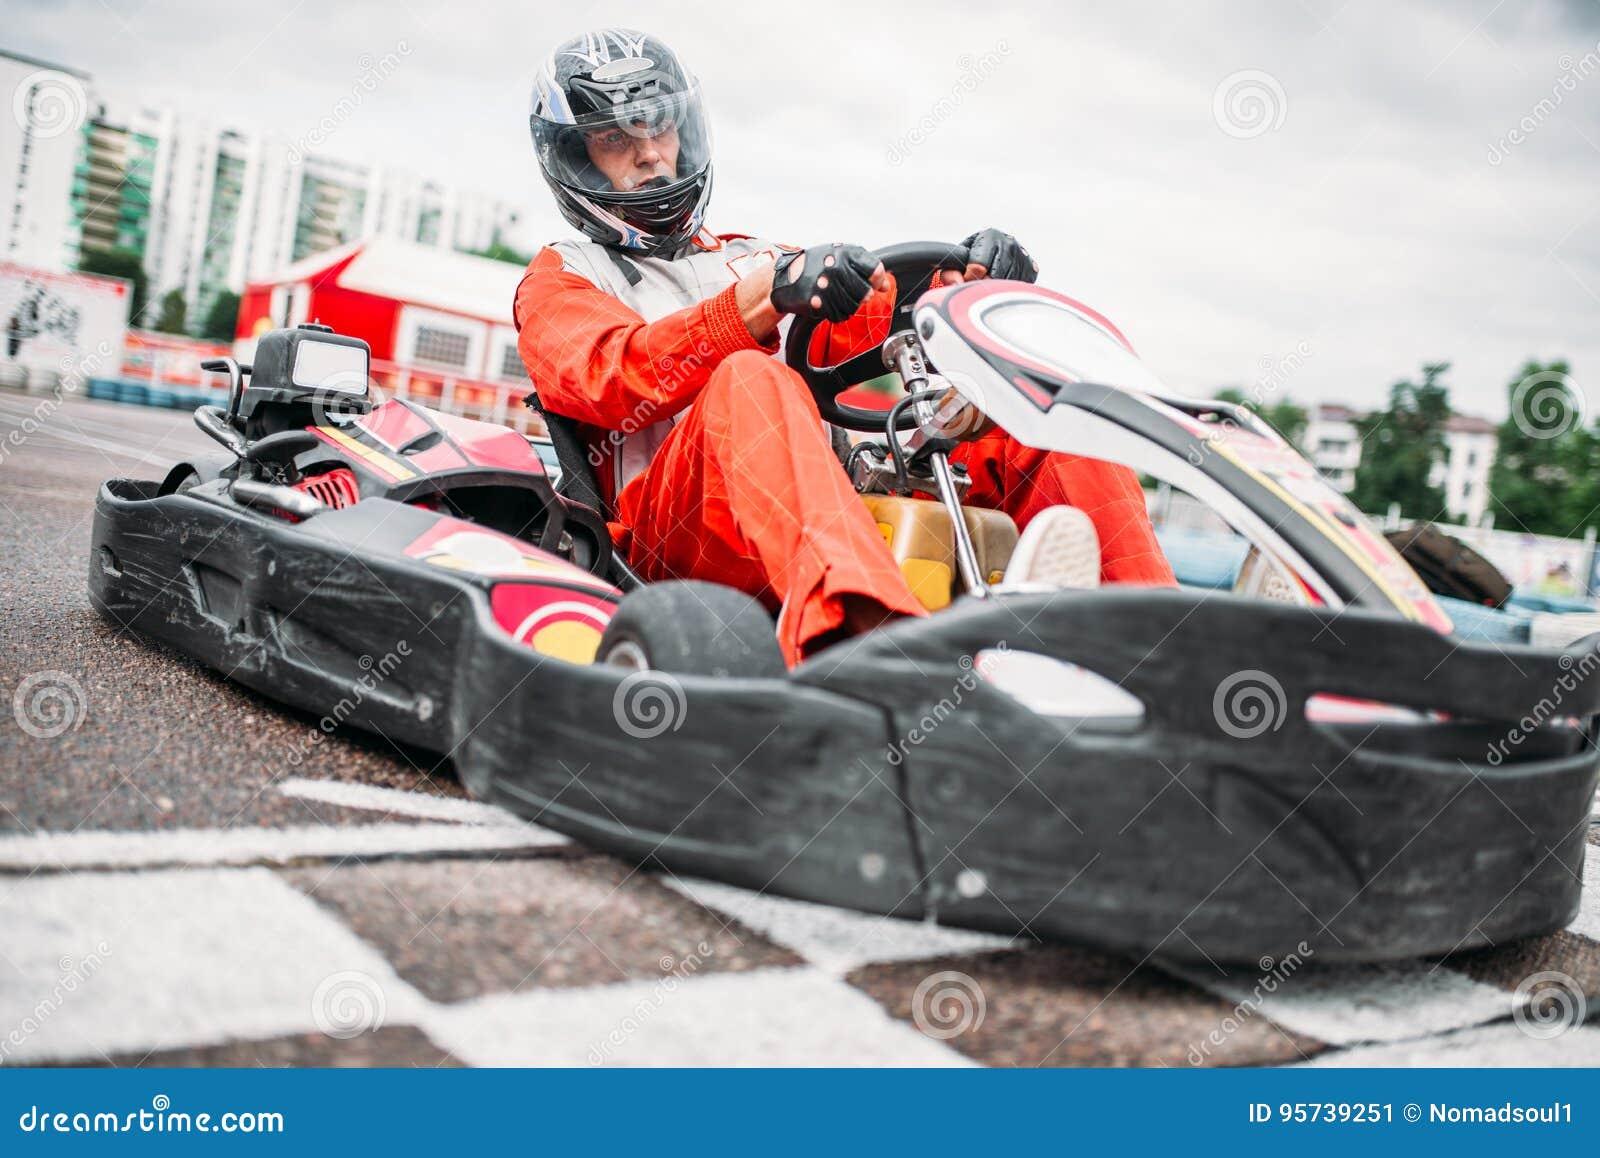 Kart racer on start line, go cart driver